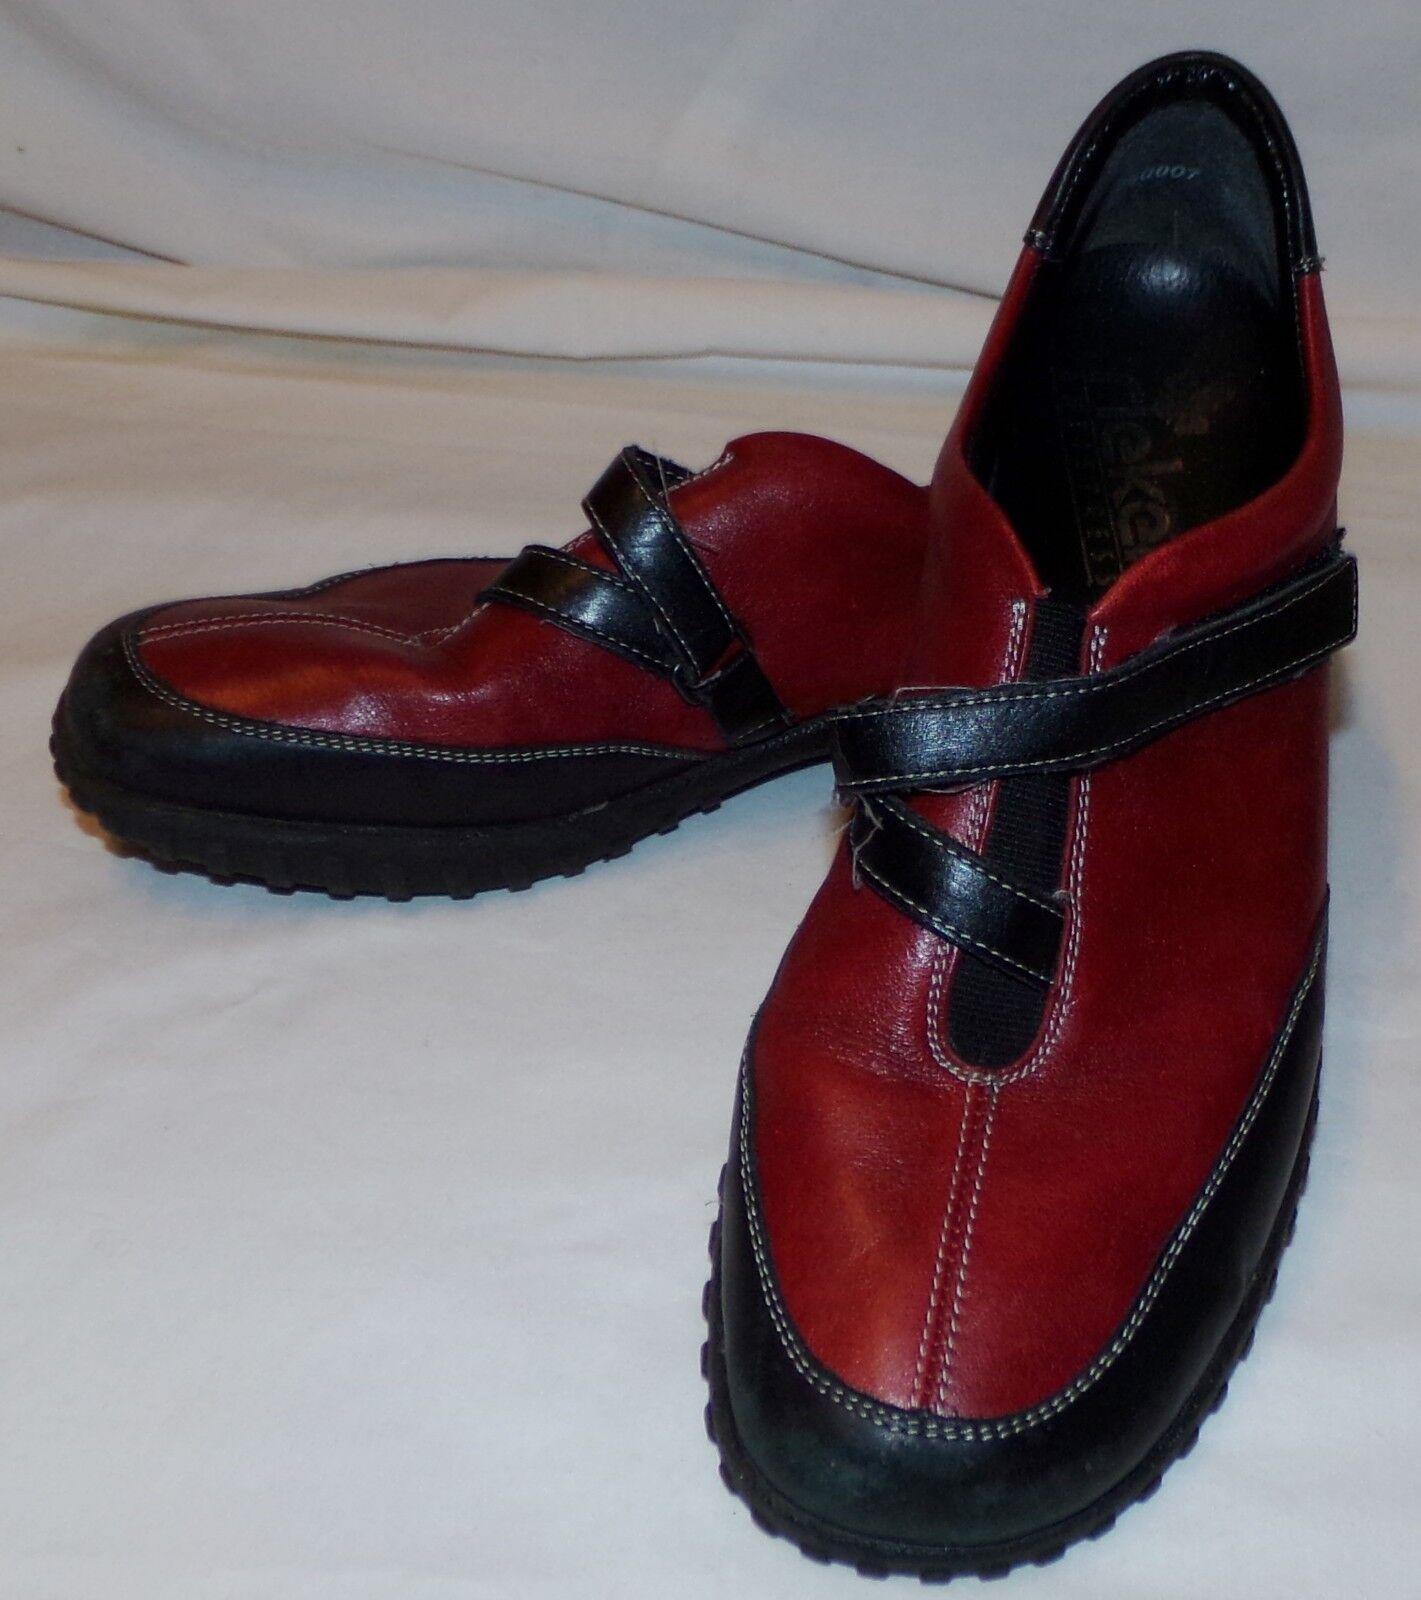 2 Antistress Schuhe 8 42 Schwarzer Damen Rot Slipper Rieker 1 8 5 eD29IEWHYb